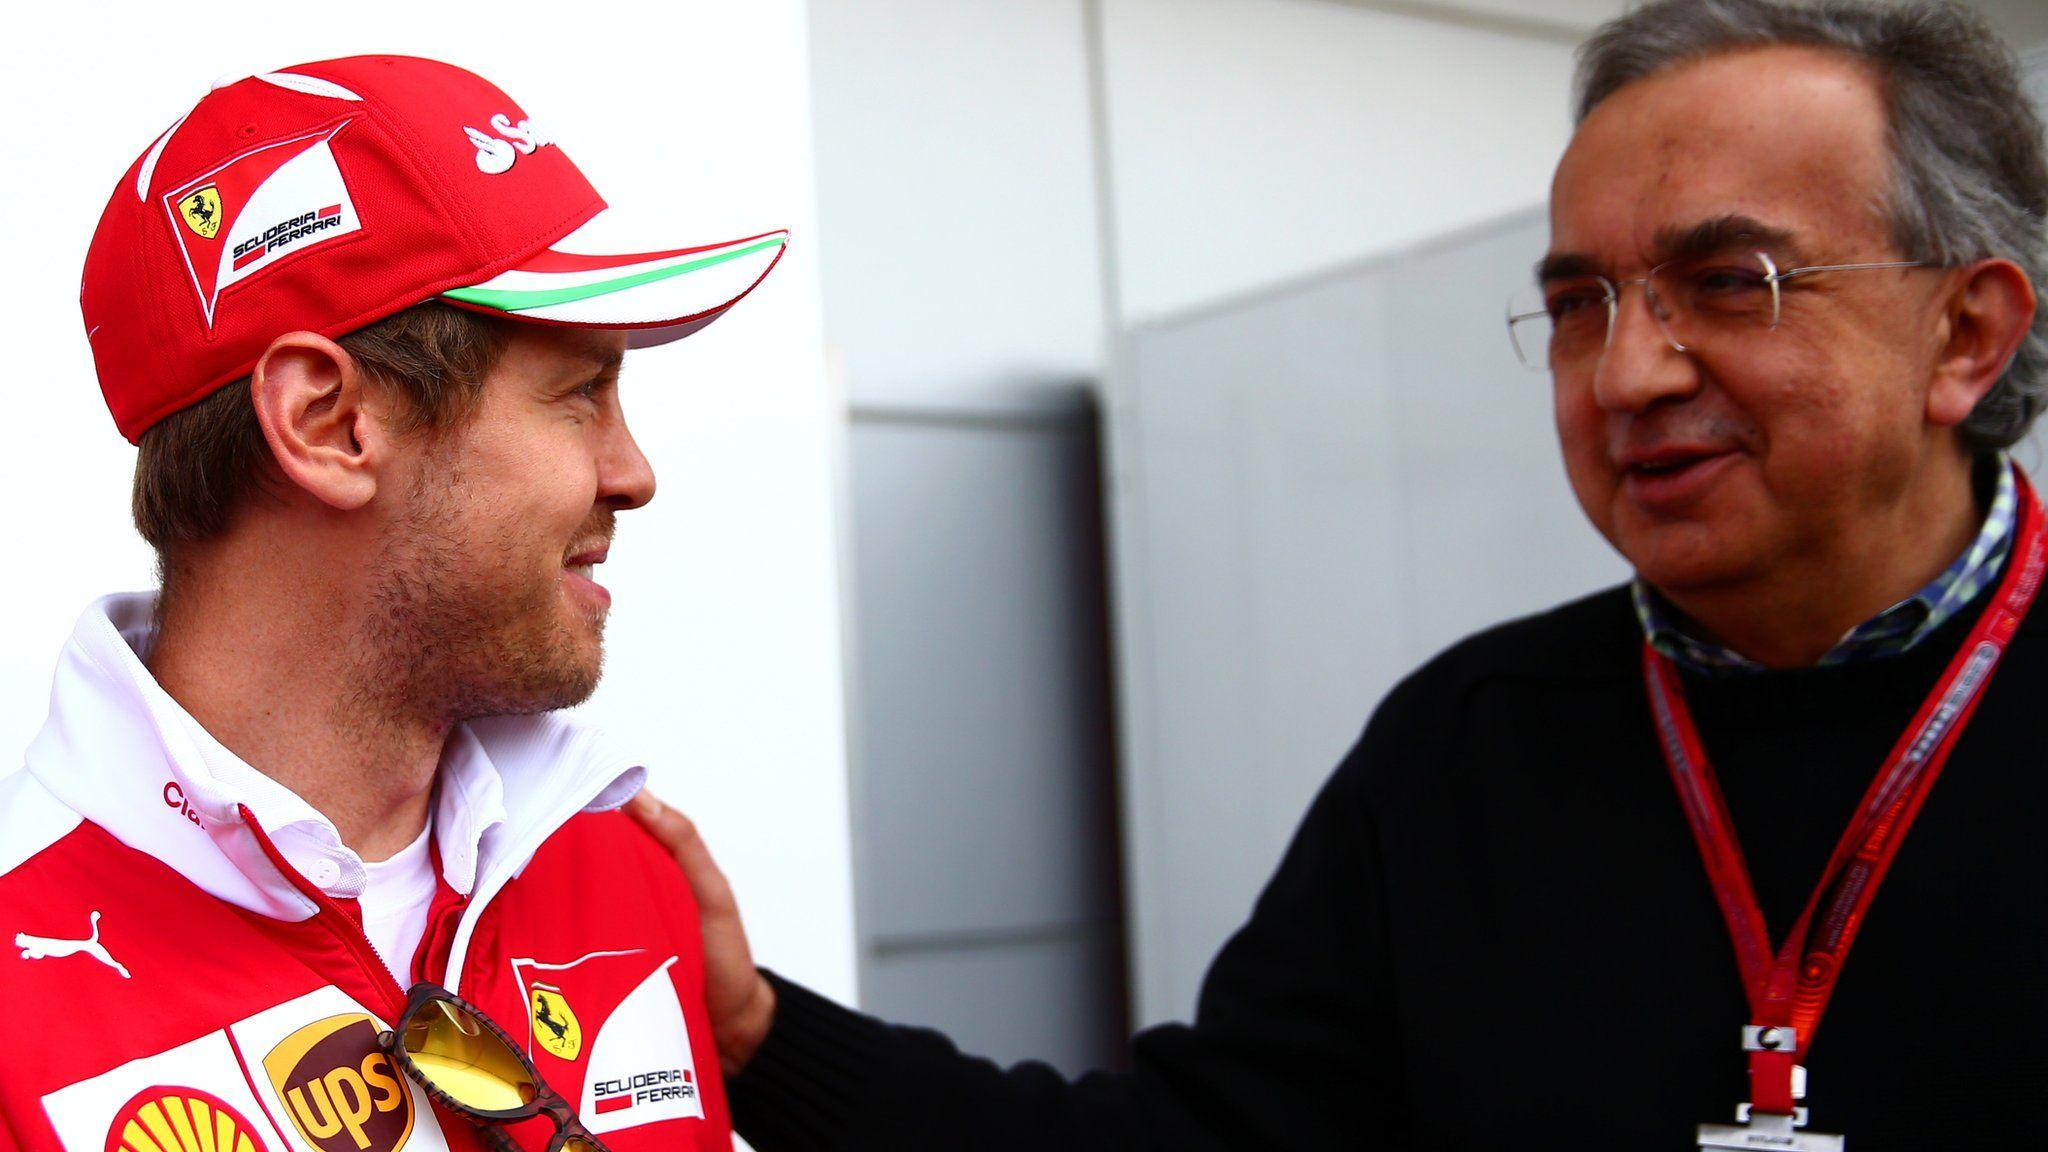 Italian Grand Prix Ferrari have 'failed targets